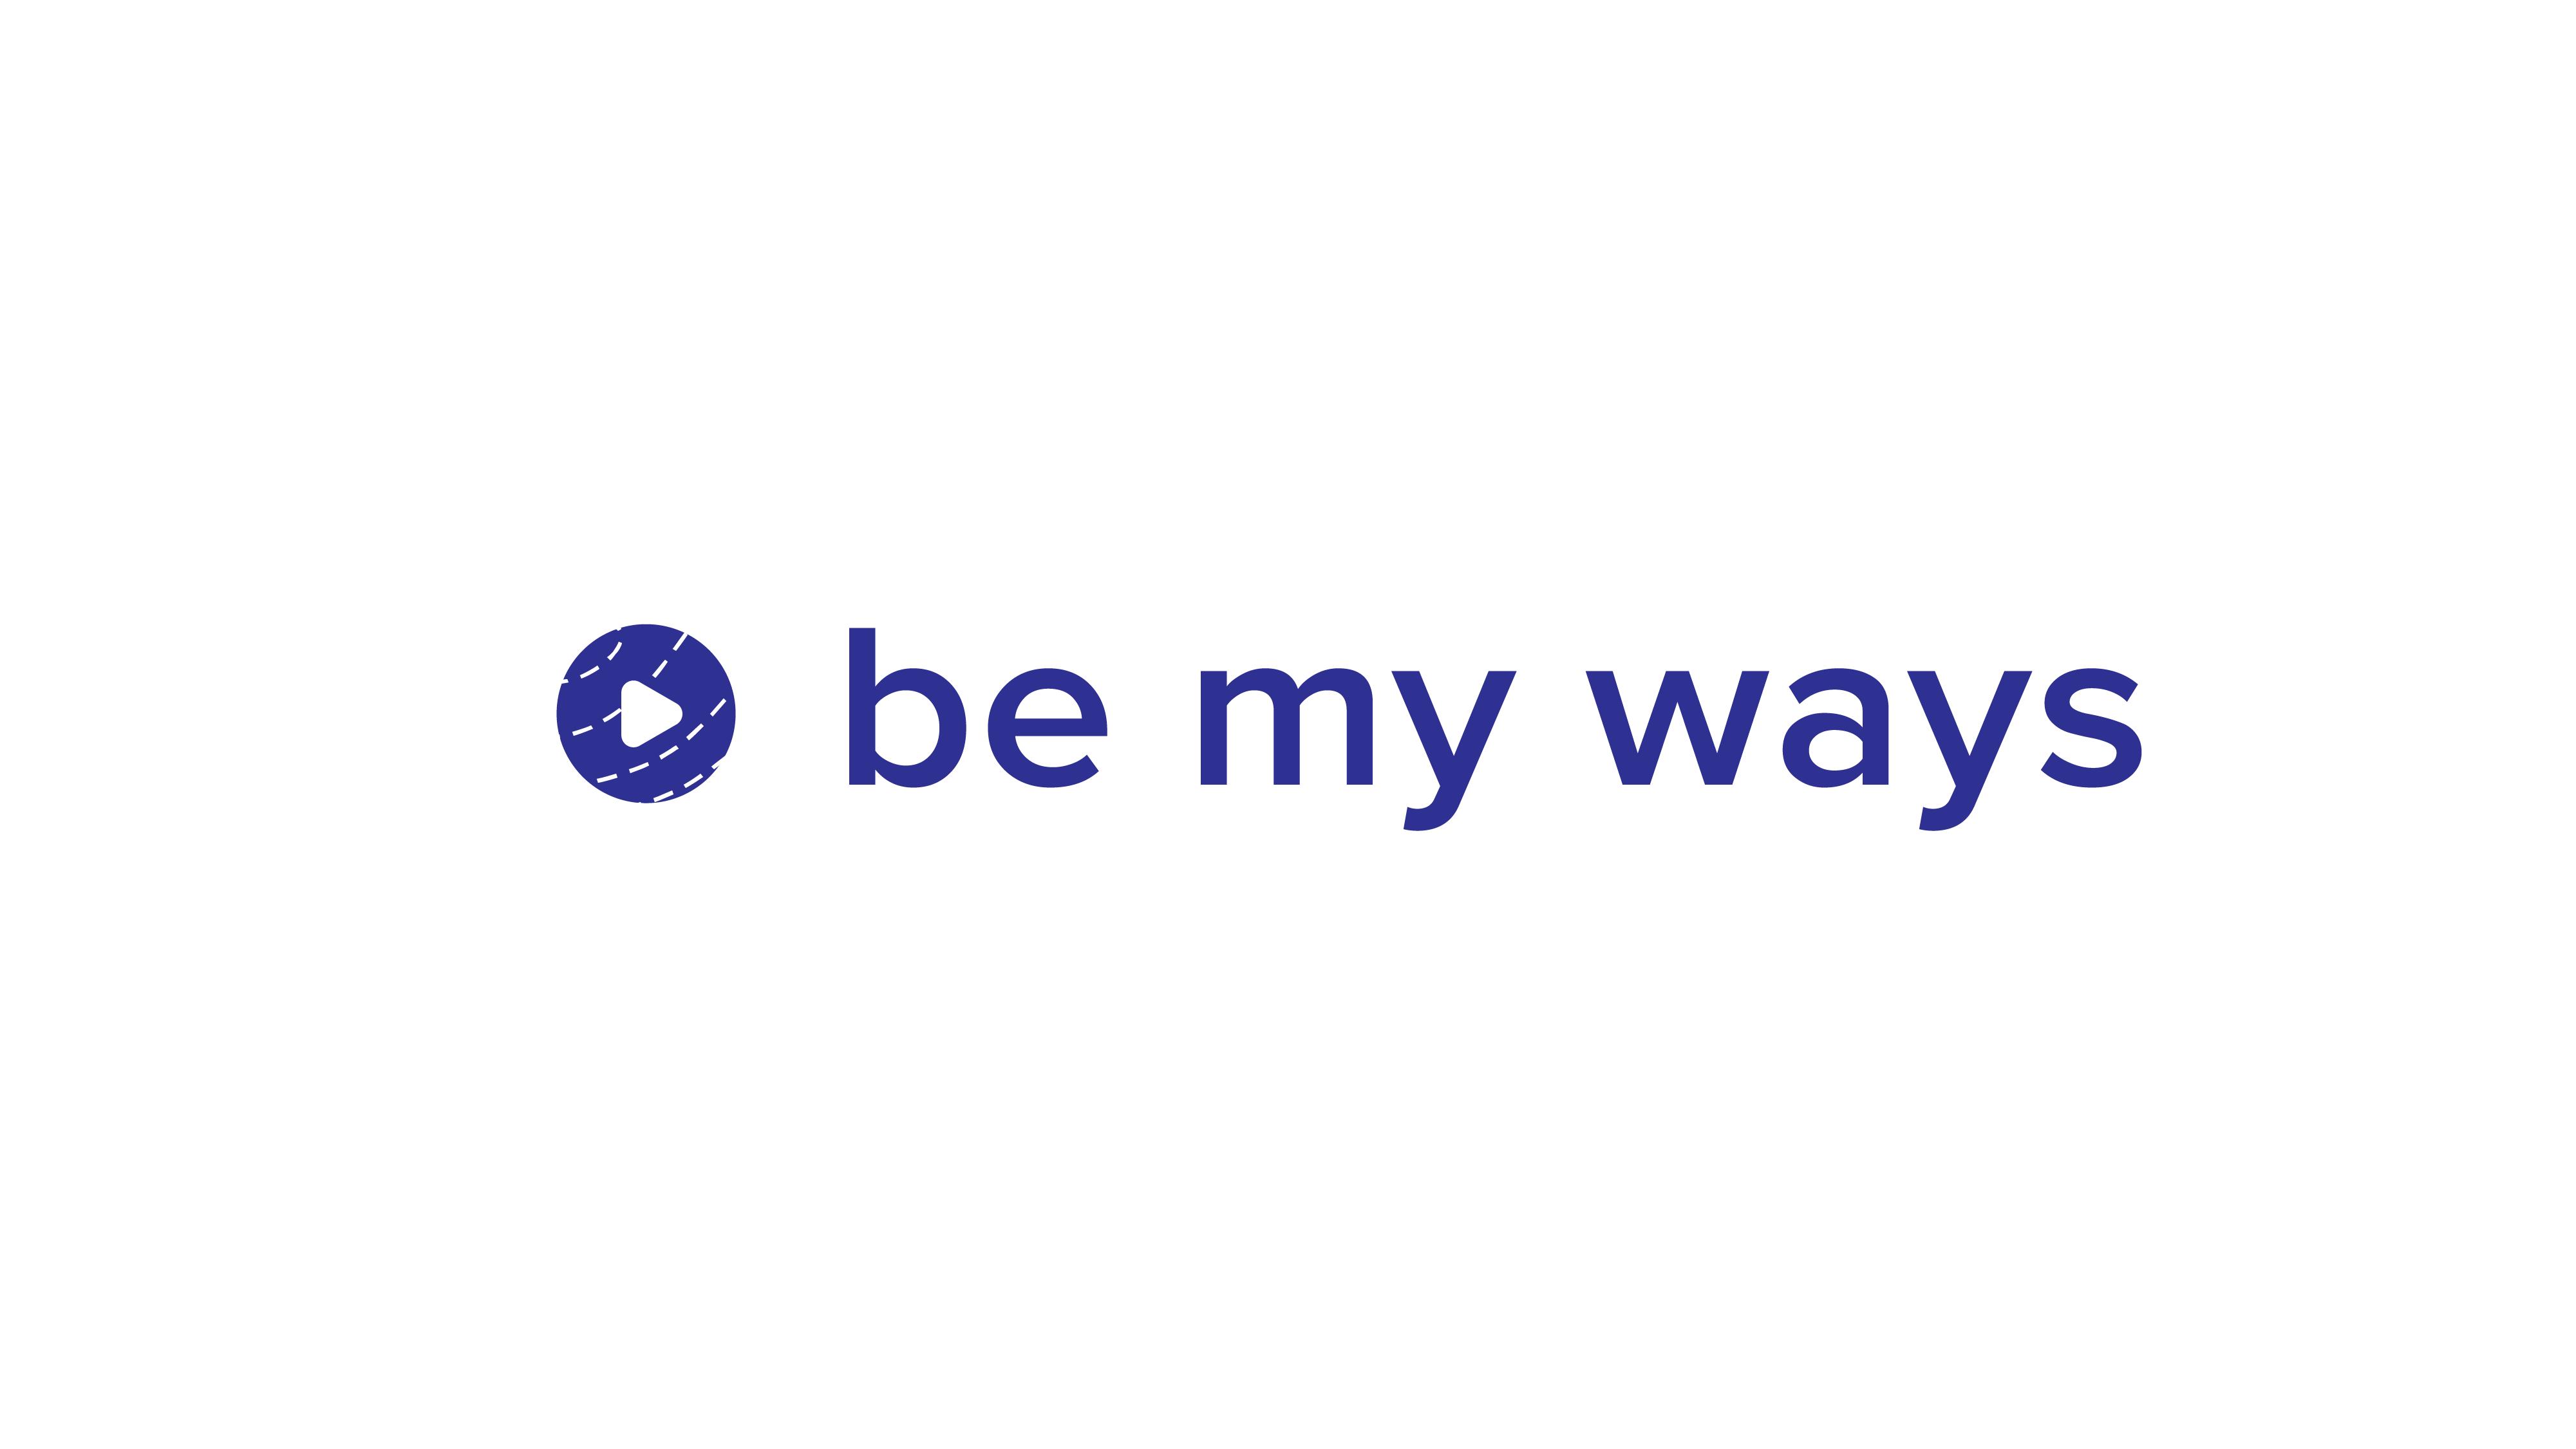 Разработка логотипа и иконки для Travel Video Platform фото f_8755c3ae026d8545.png